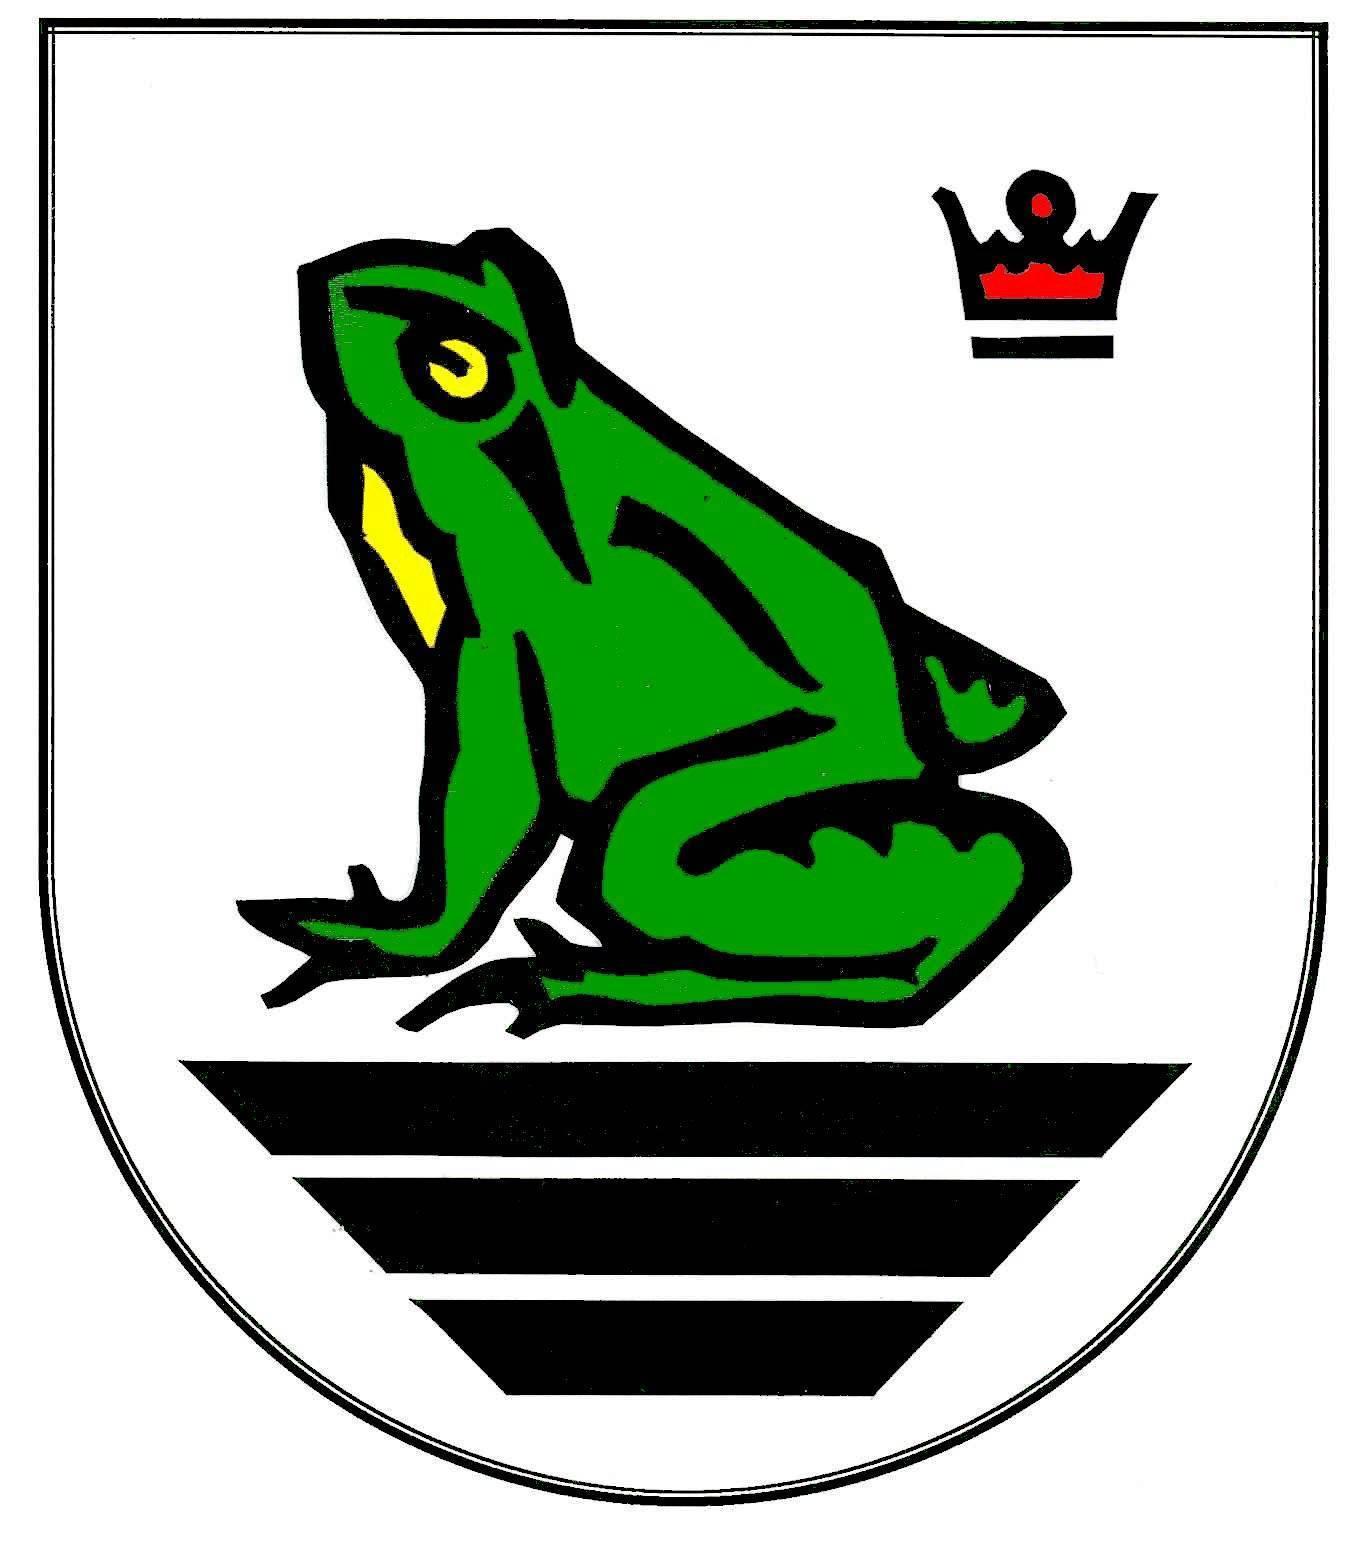 Wappen GemeindeAltenmoor, Kreis Steinburg